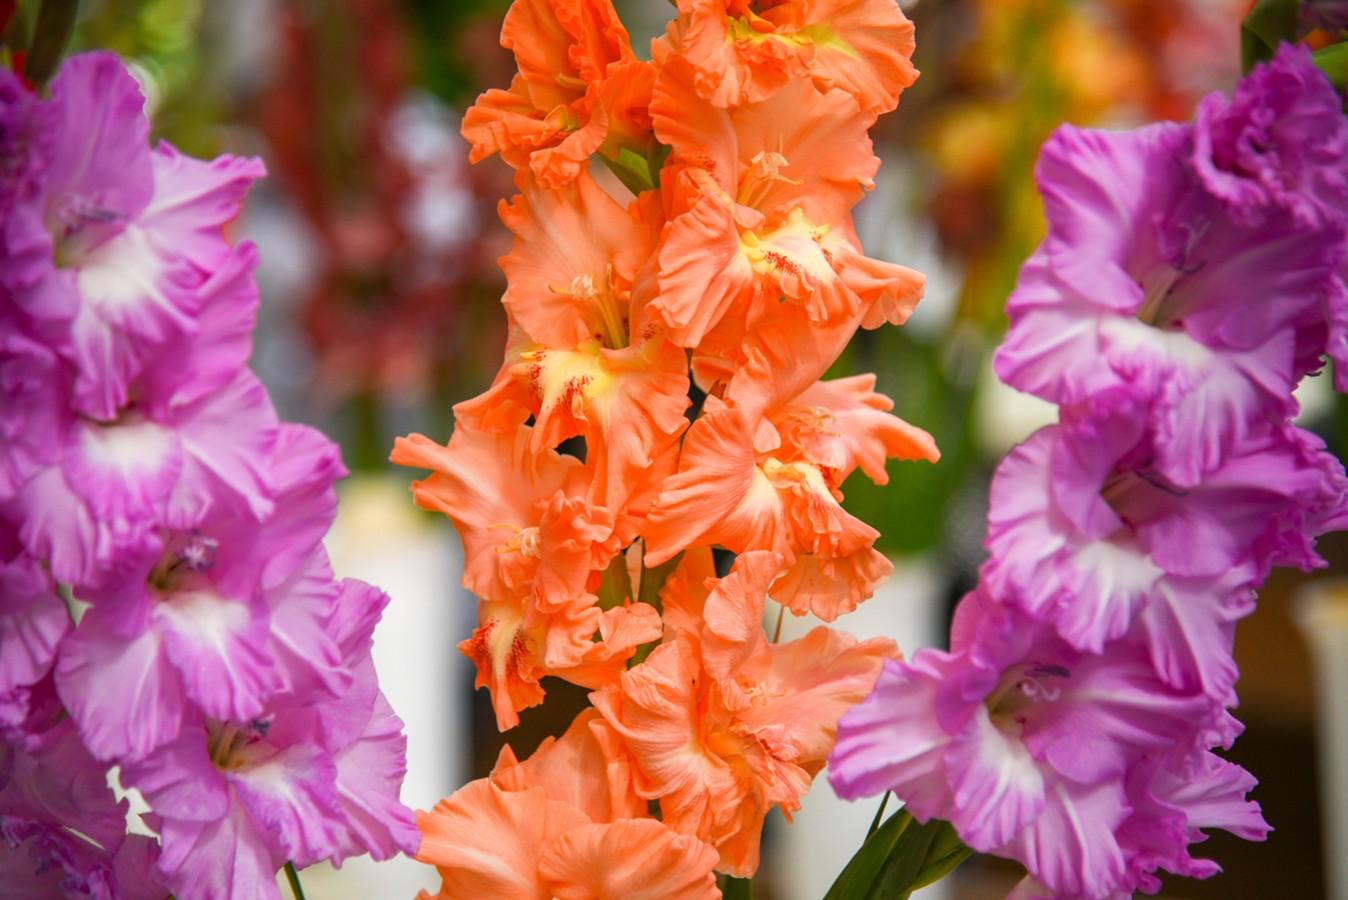 Гладиолусы: советы садоводам по уходу, посадке, размножению